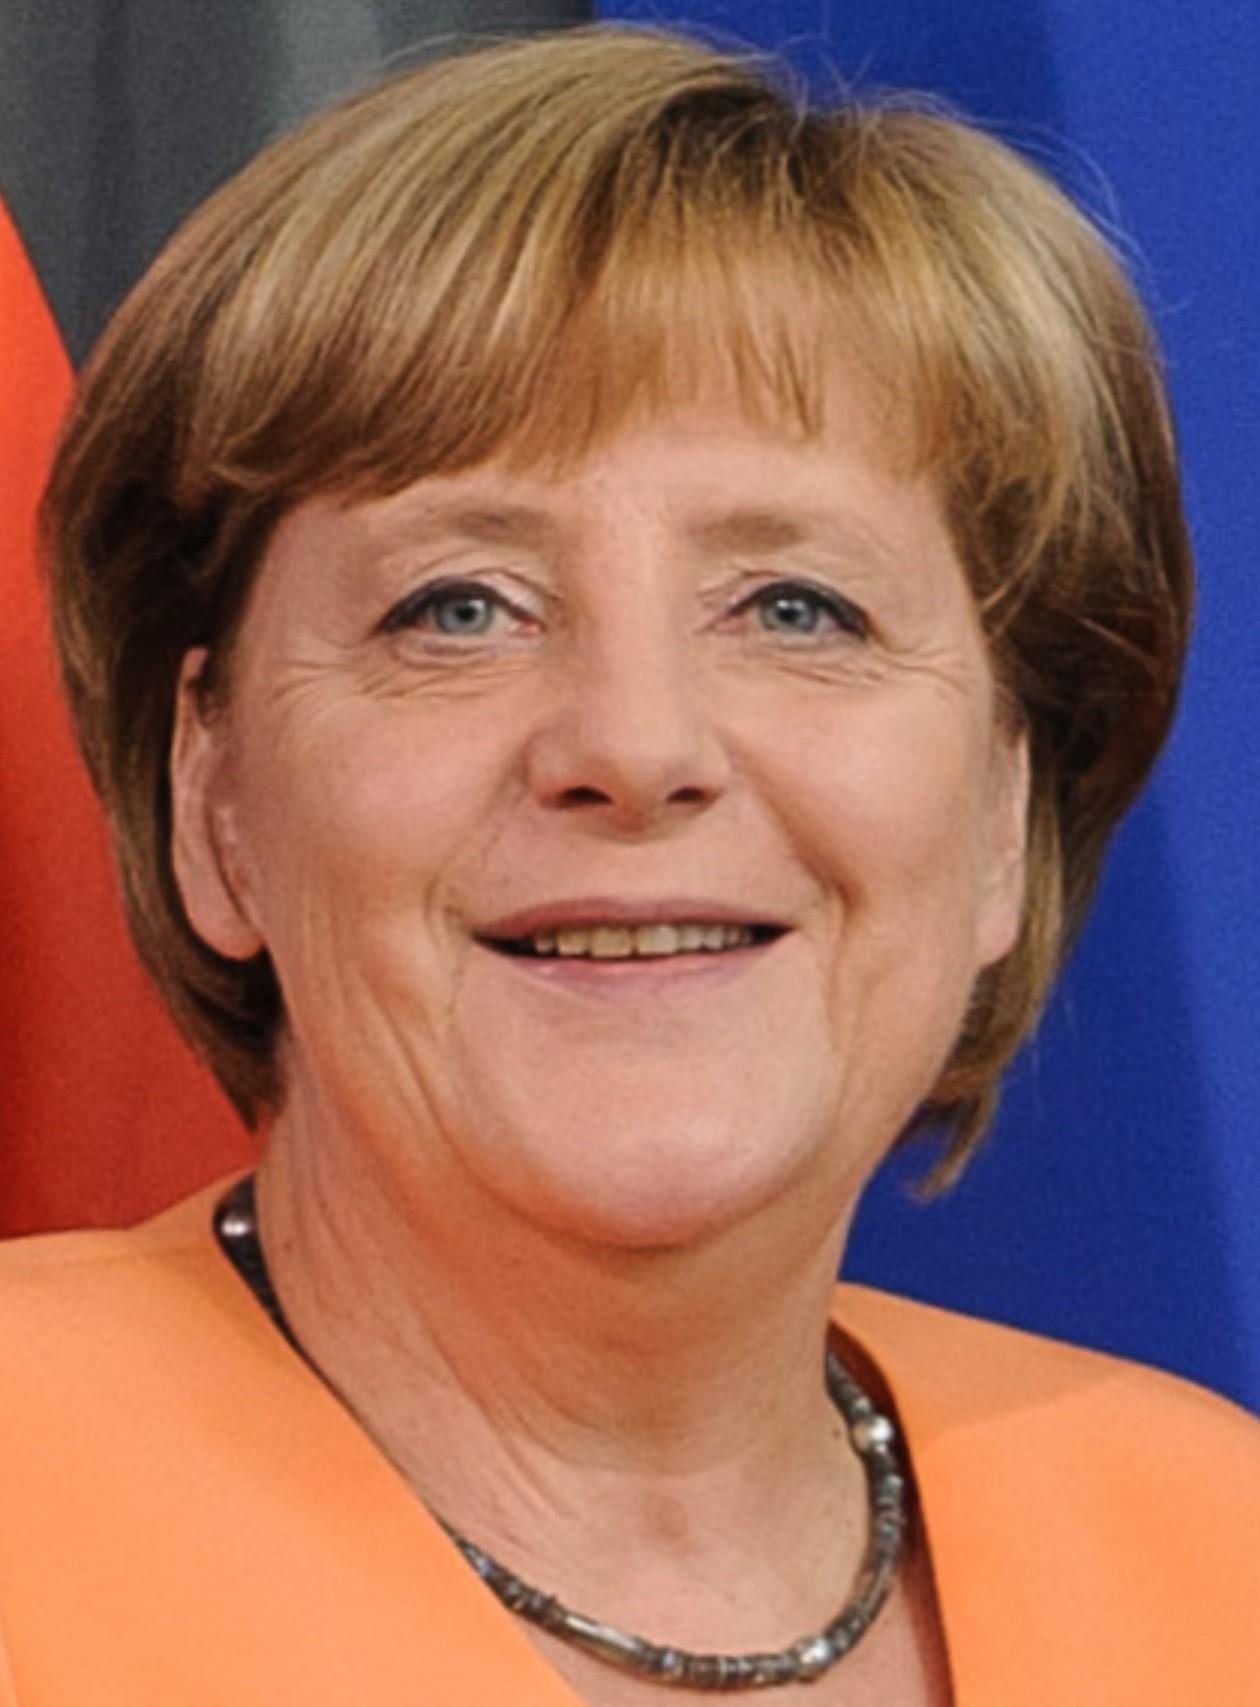 Photo of Angela Merkel